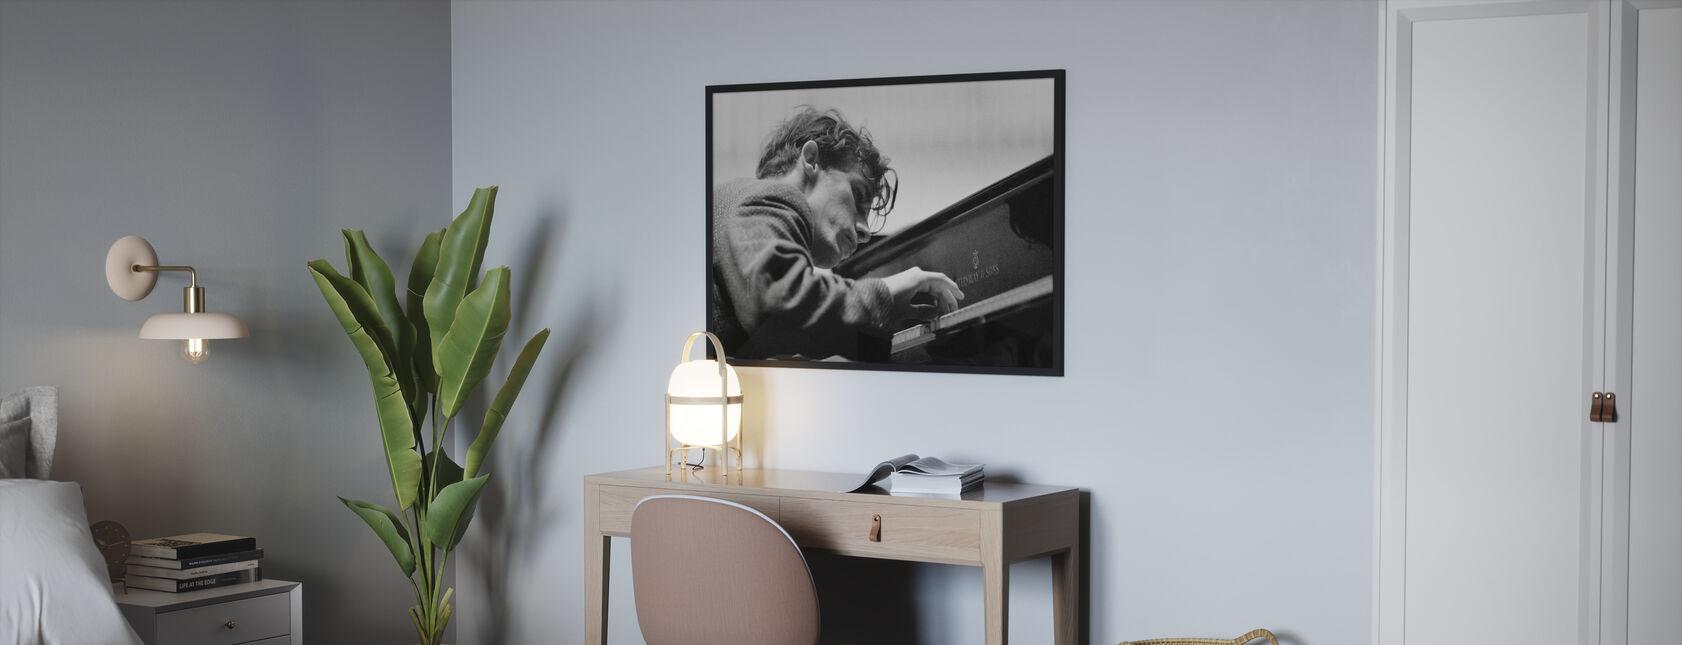 Glenn Gould - Poster - Bedroom